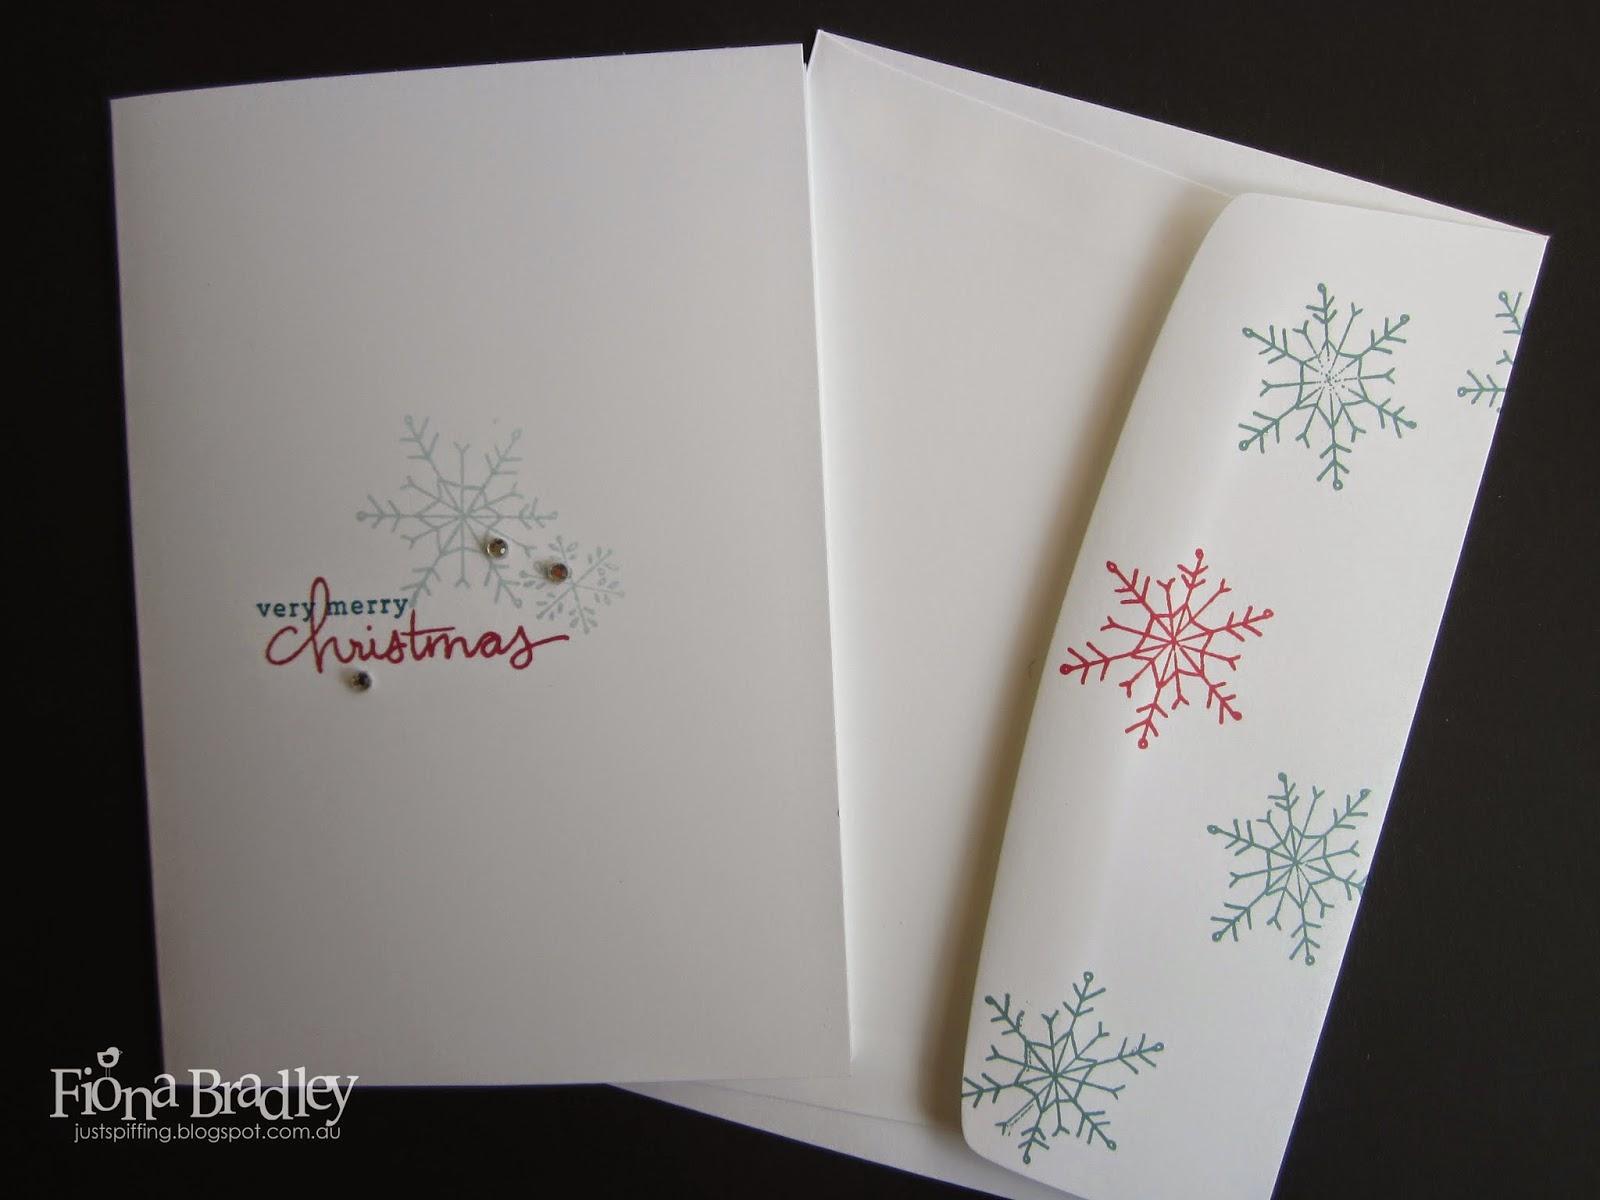 Christmas cards in bulk - Handmade by Fiona